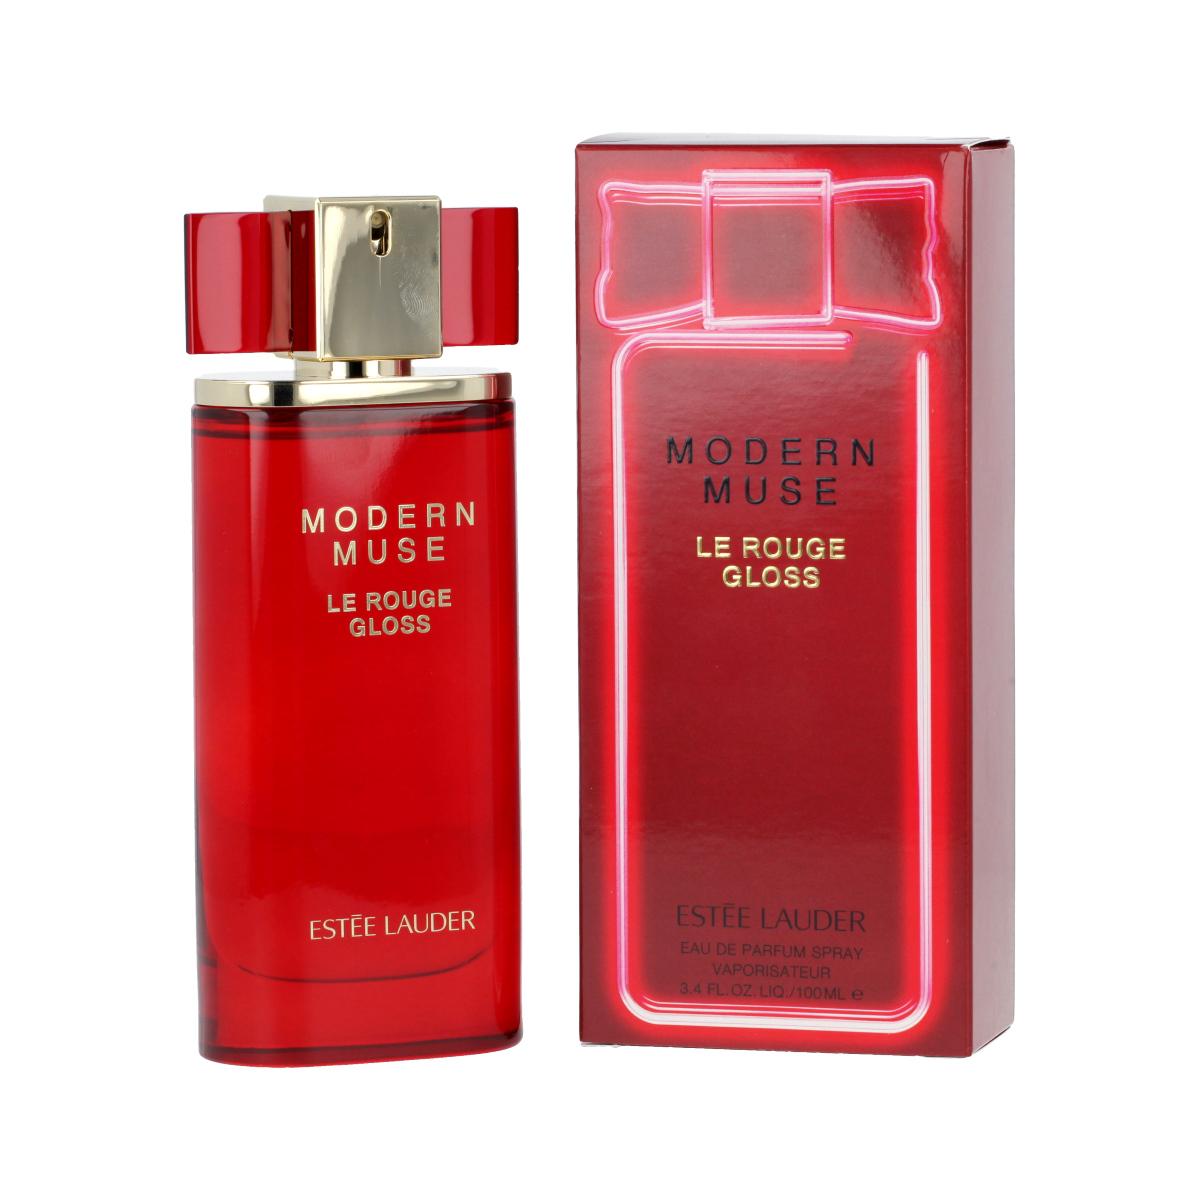 Estée Lauder Modern Muse Le Rouge Gloss Eau De Parfum 100 ml (woman) 96039